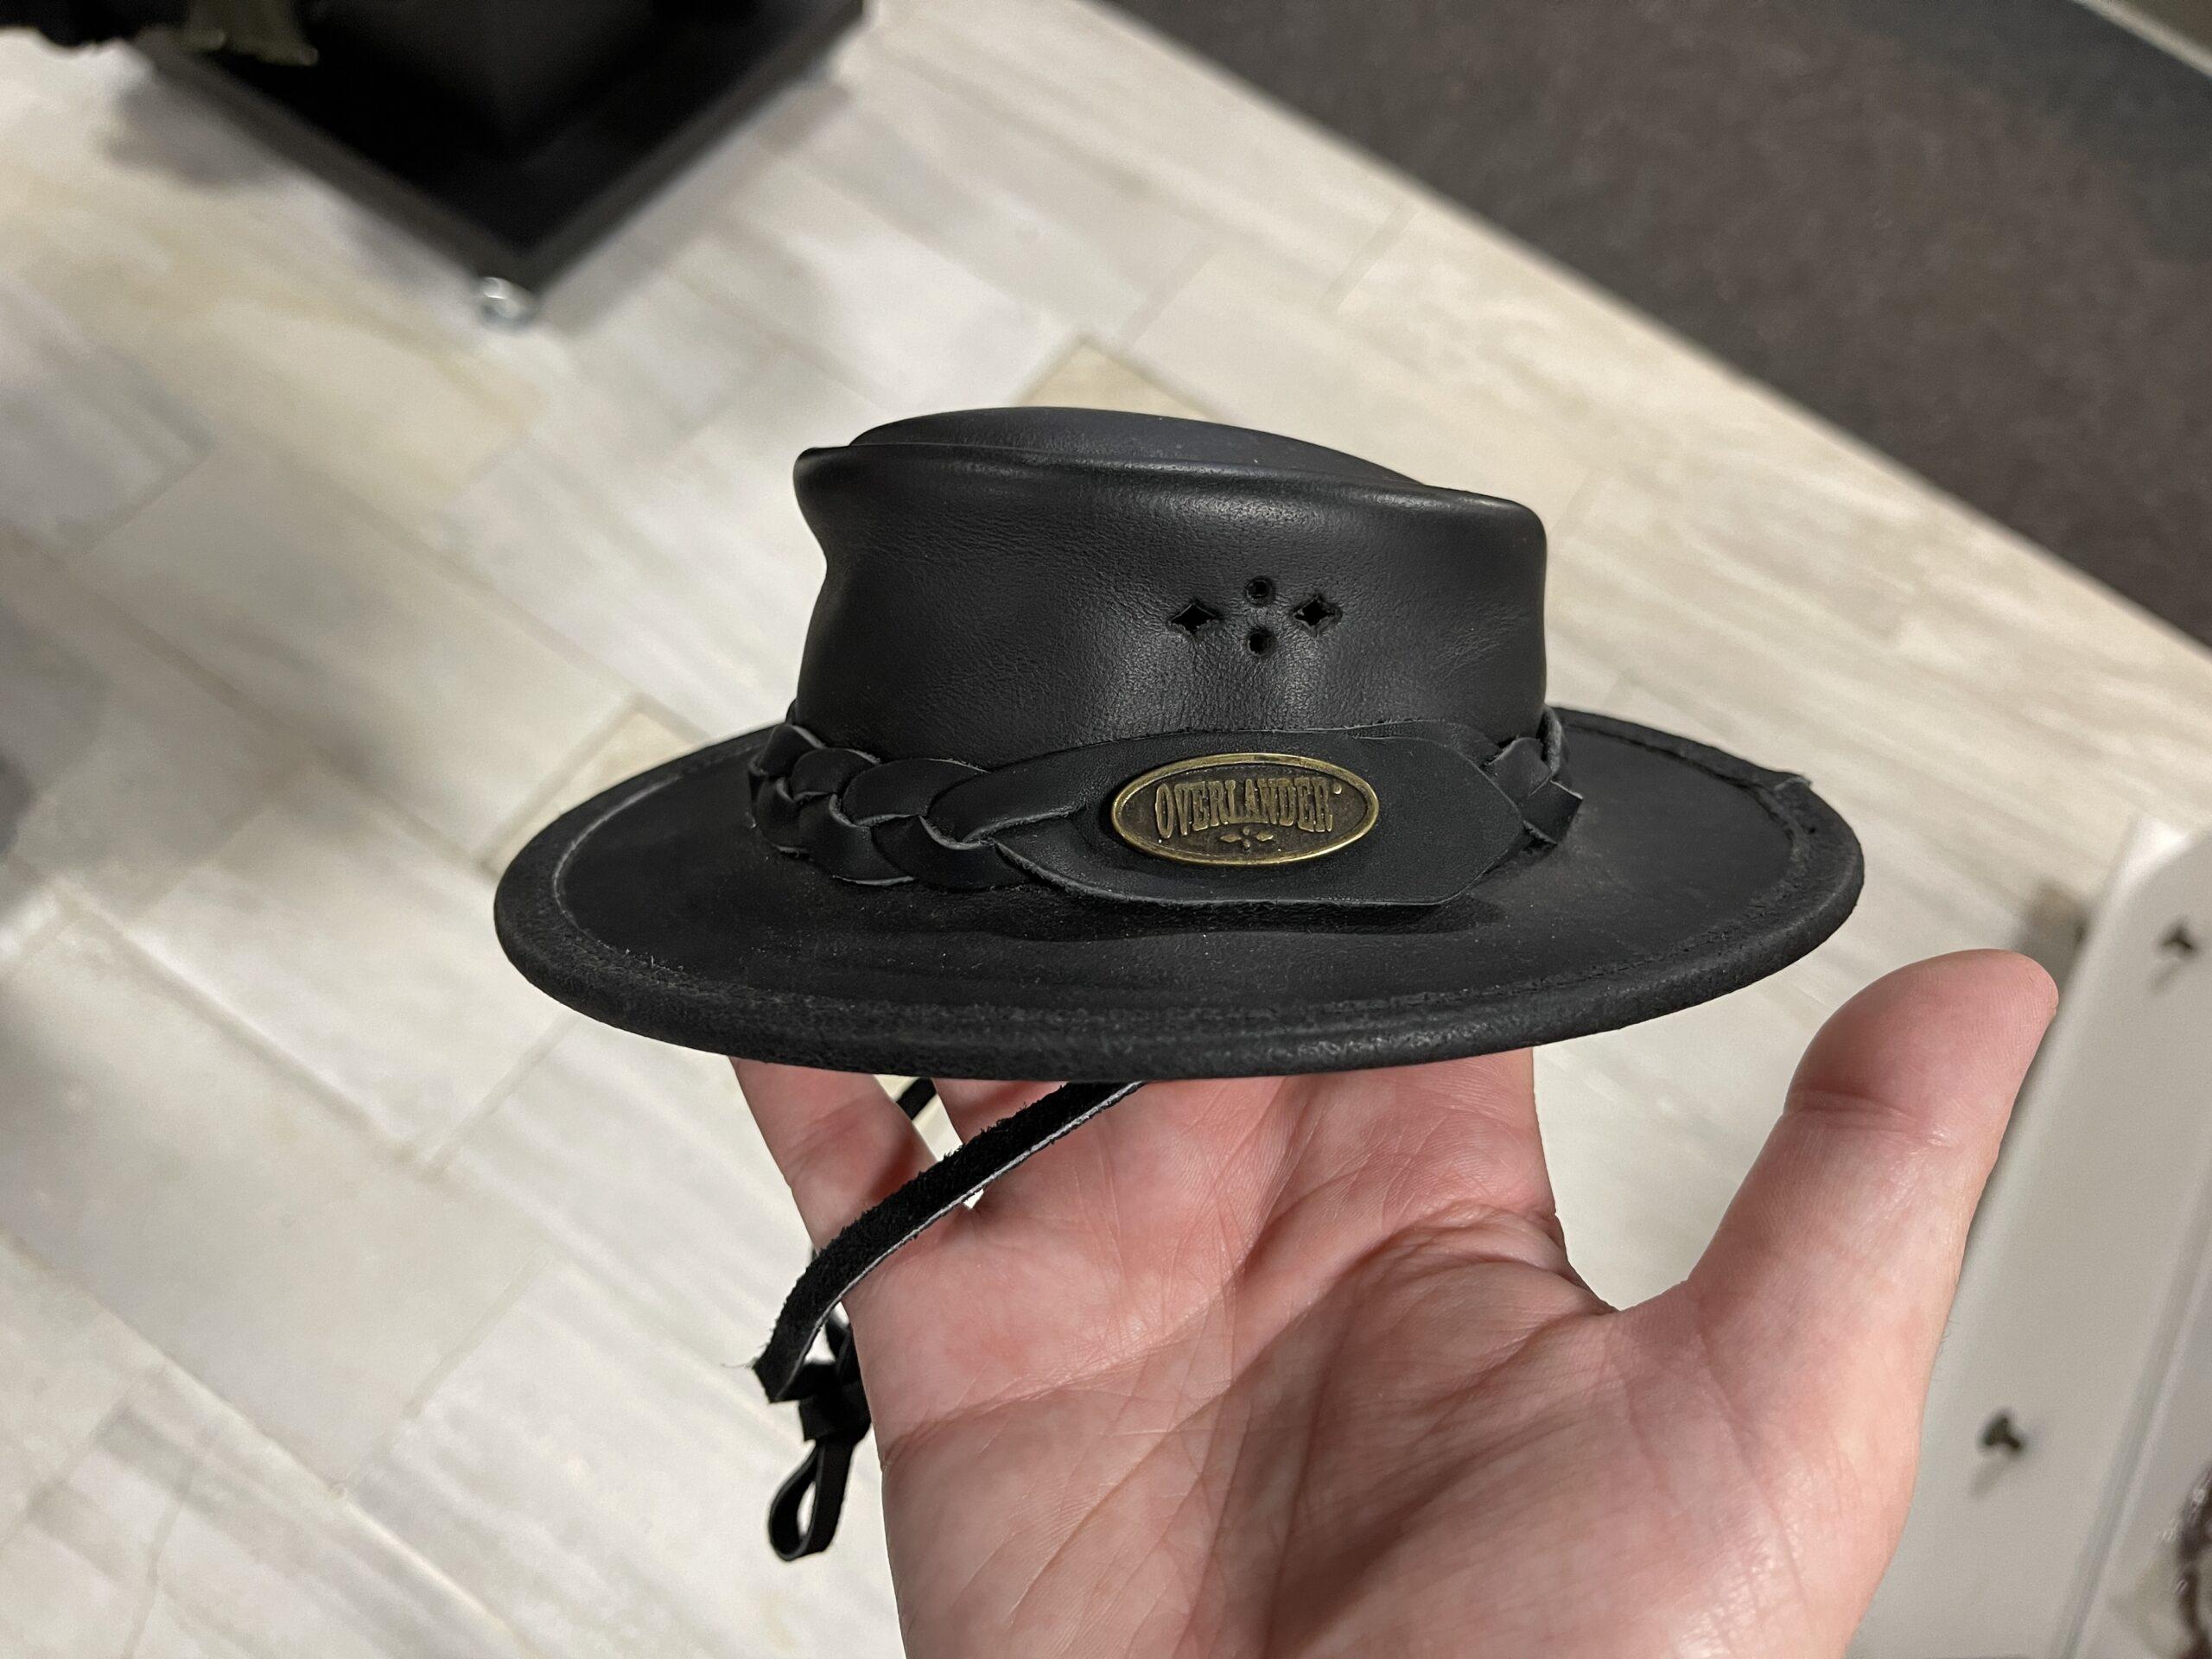 Outback hatt för en Chihuahua